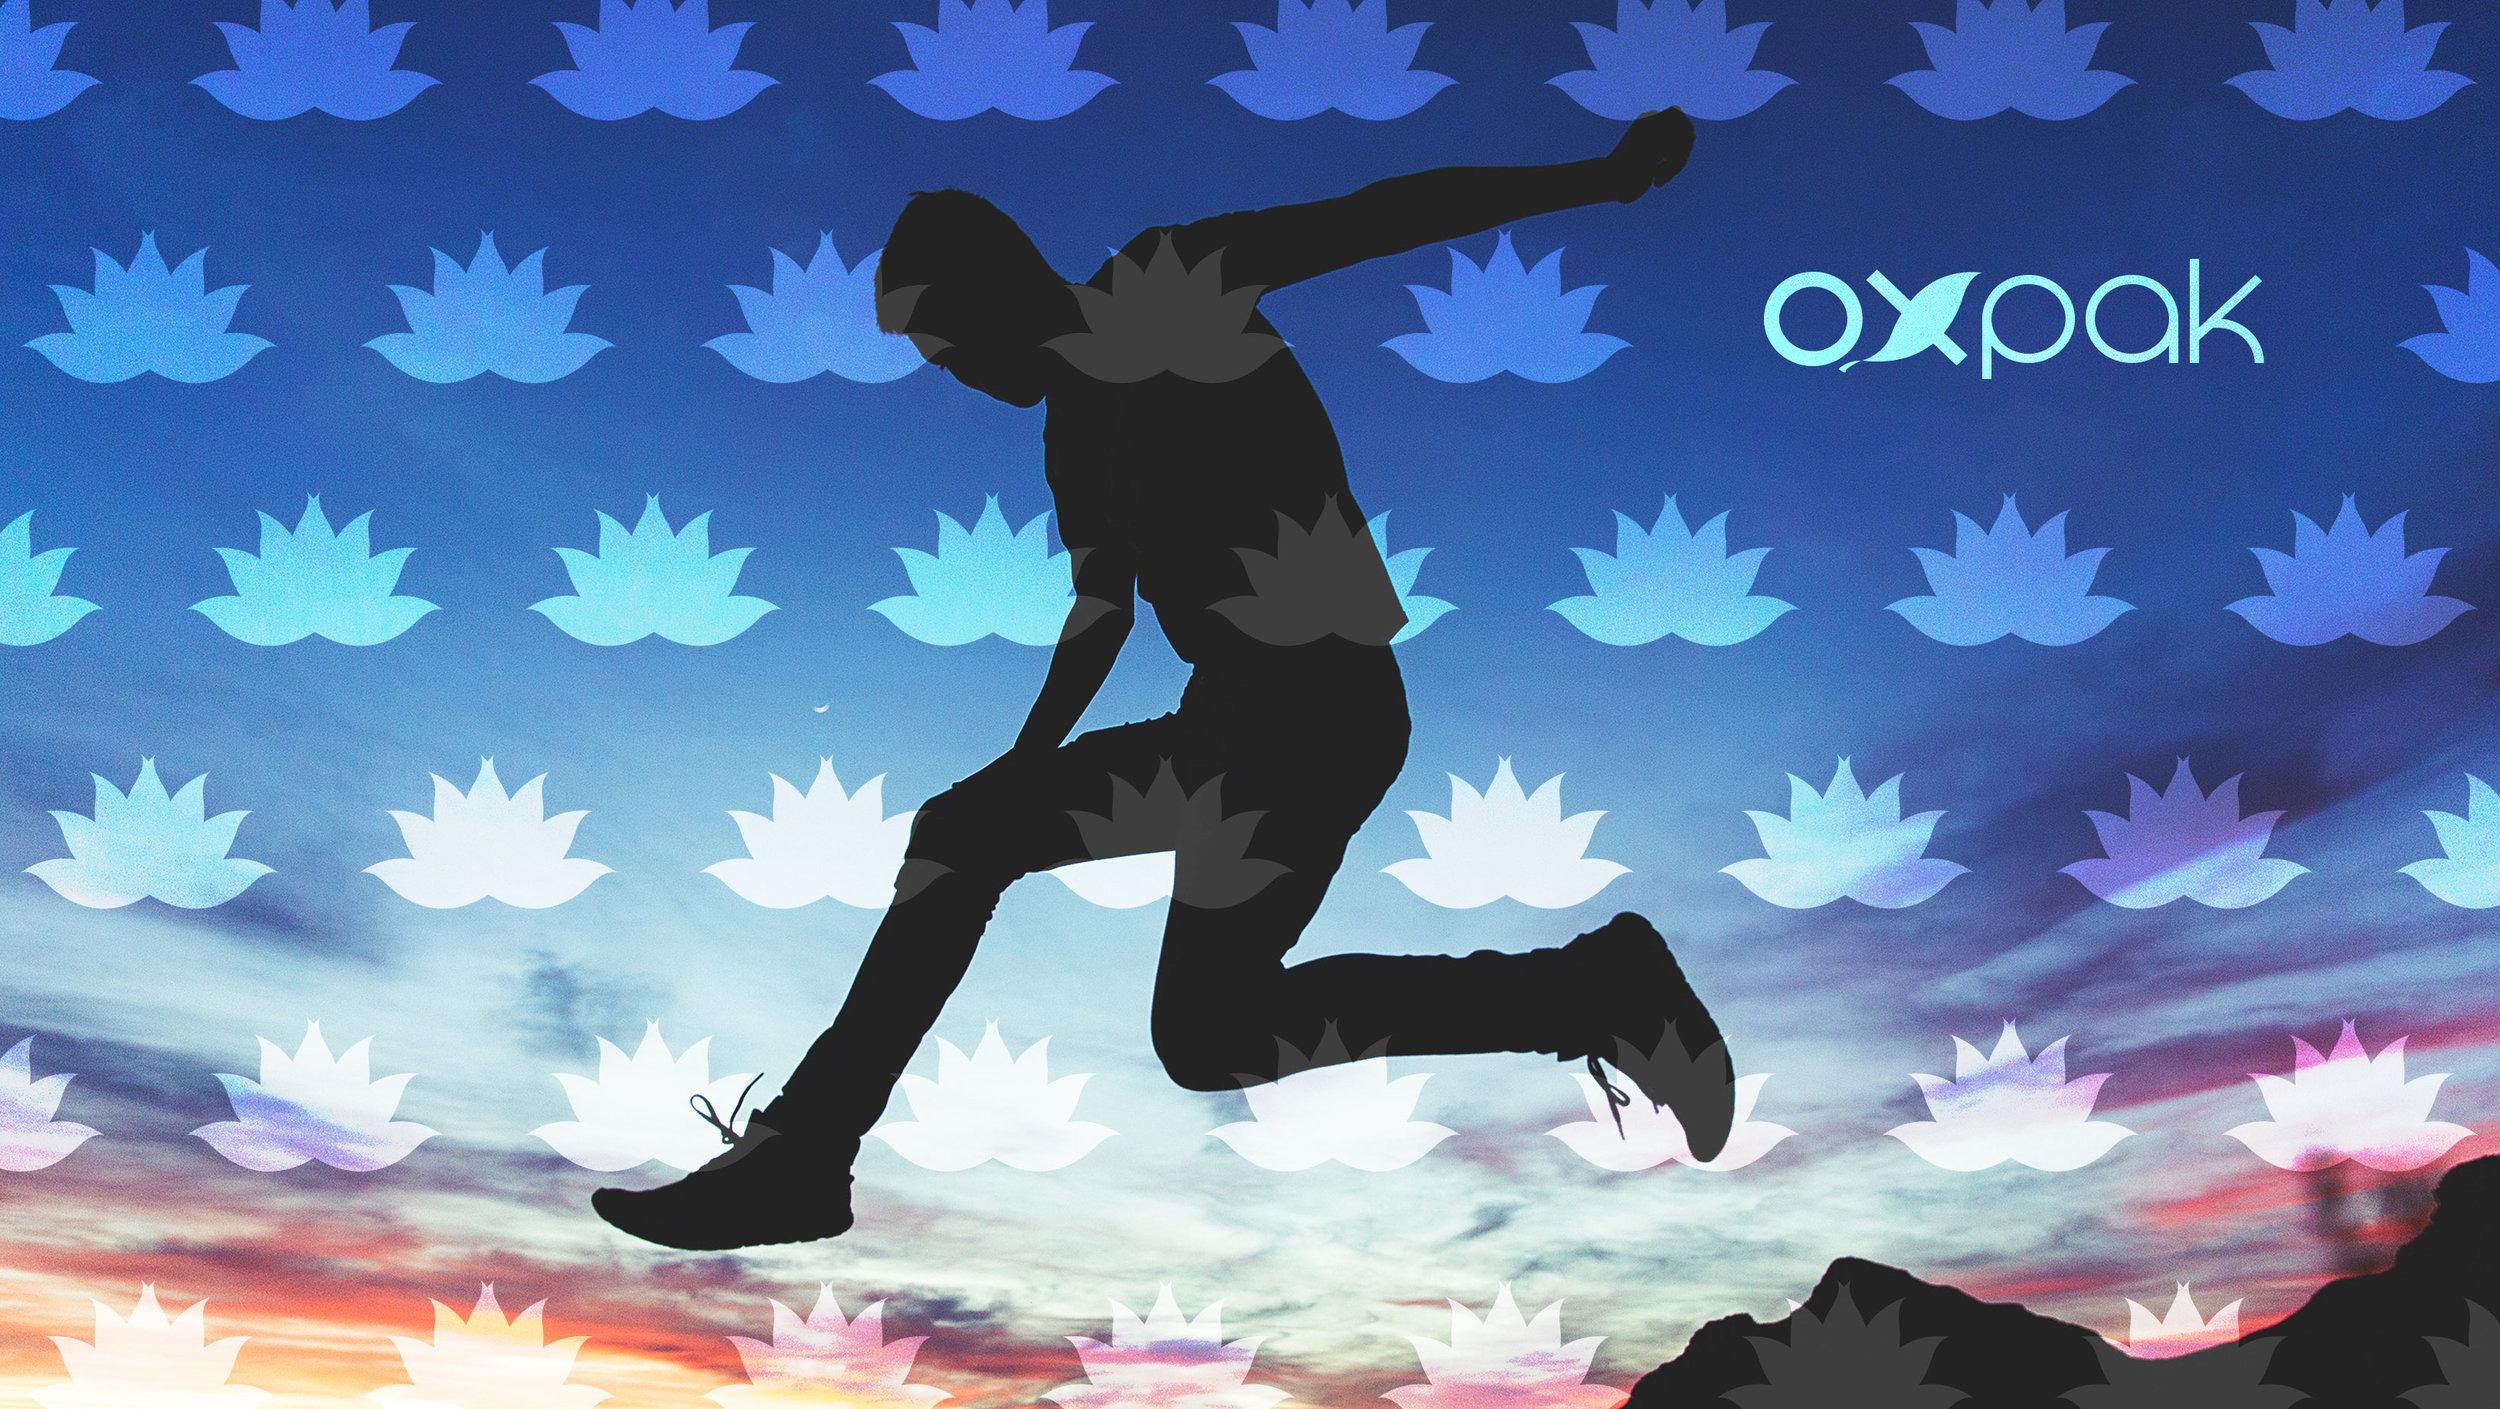 oxpak-websiteheader.jpg